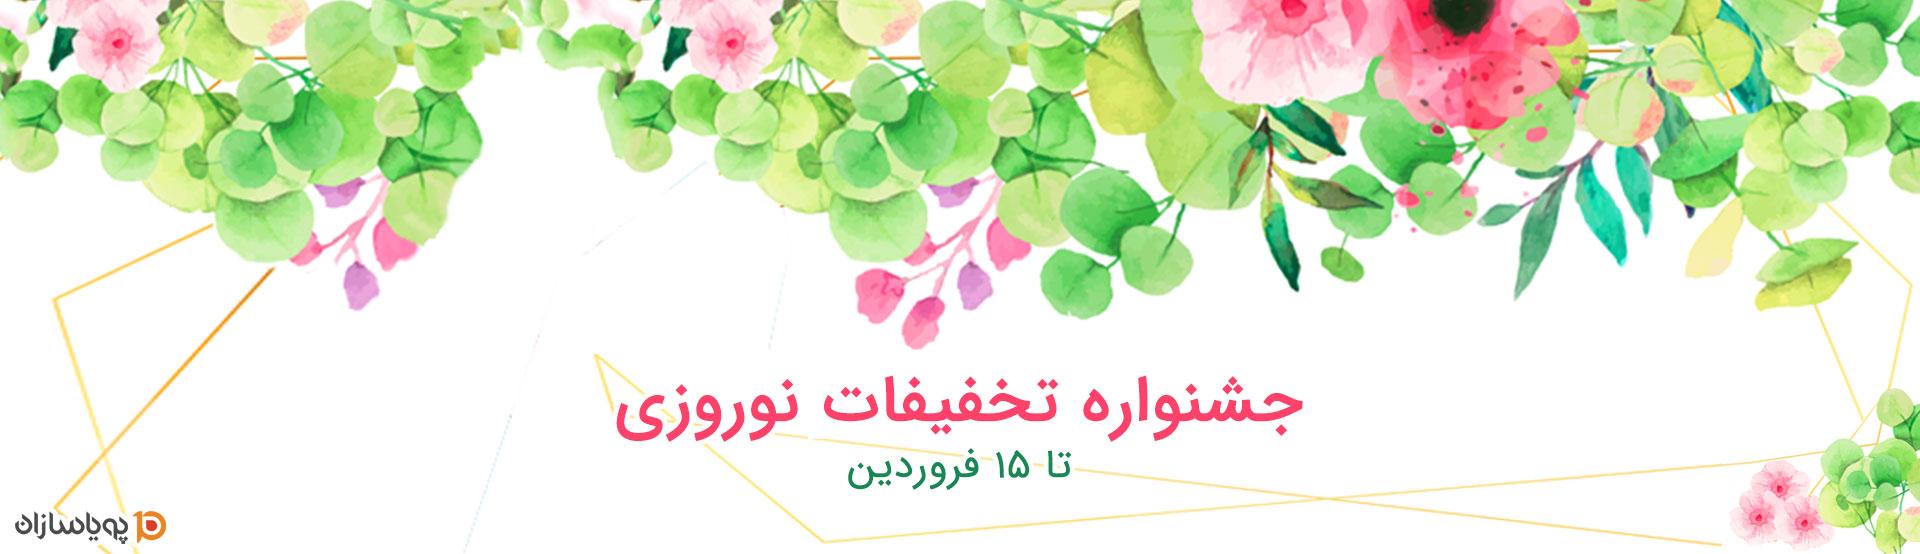 جشنواره تخفیفات نوروزی پویاسازان